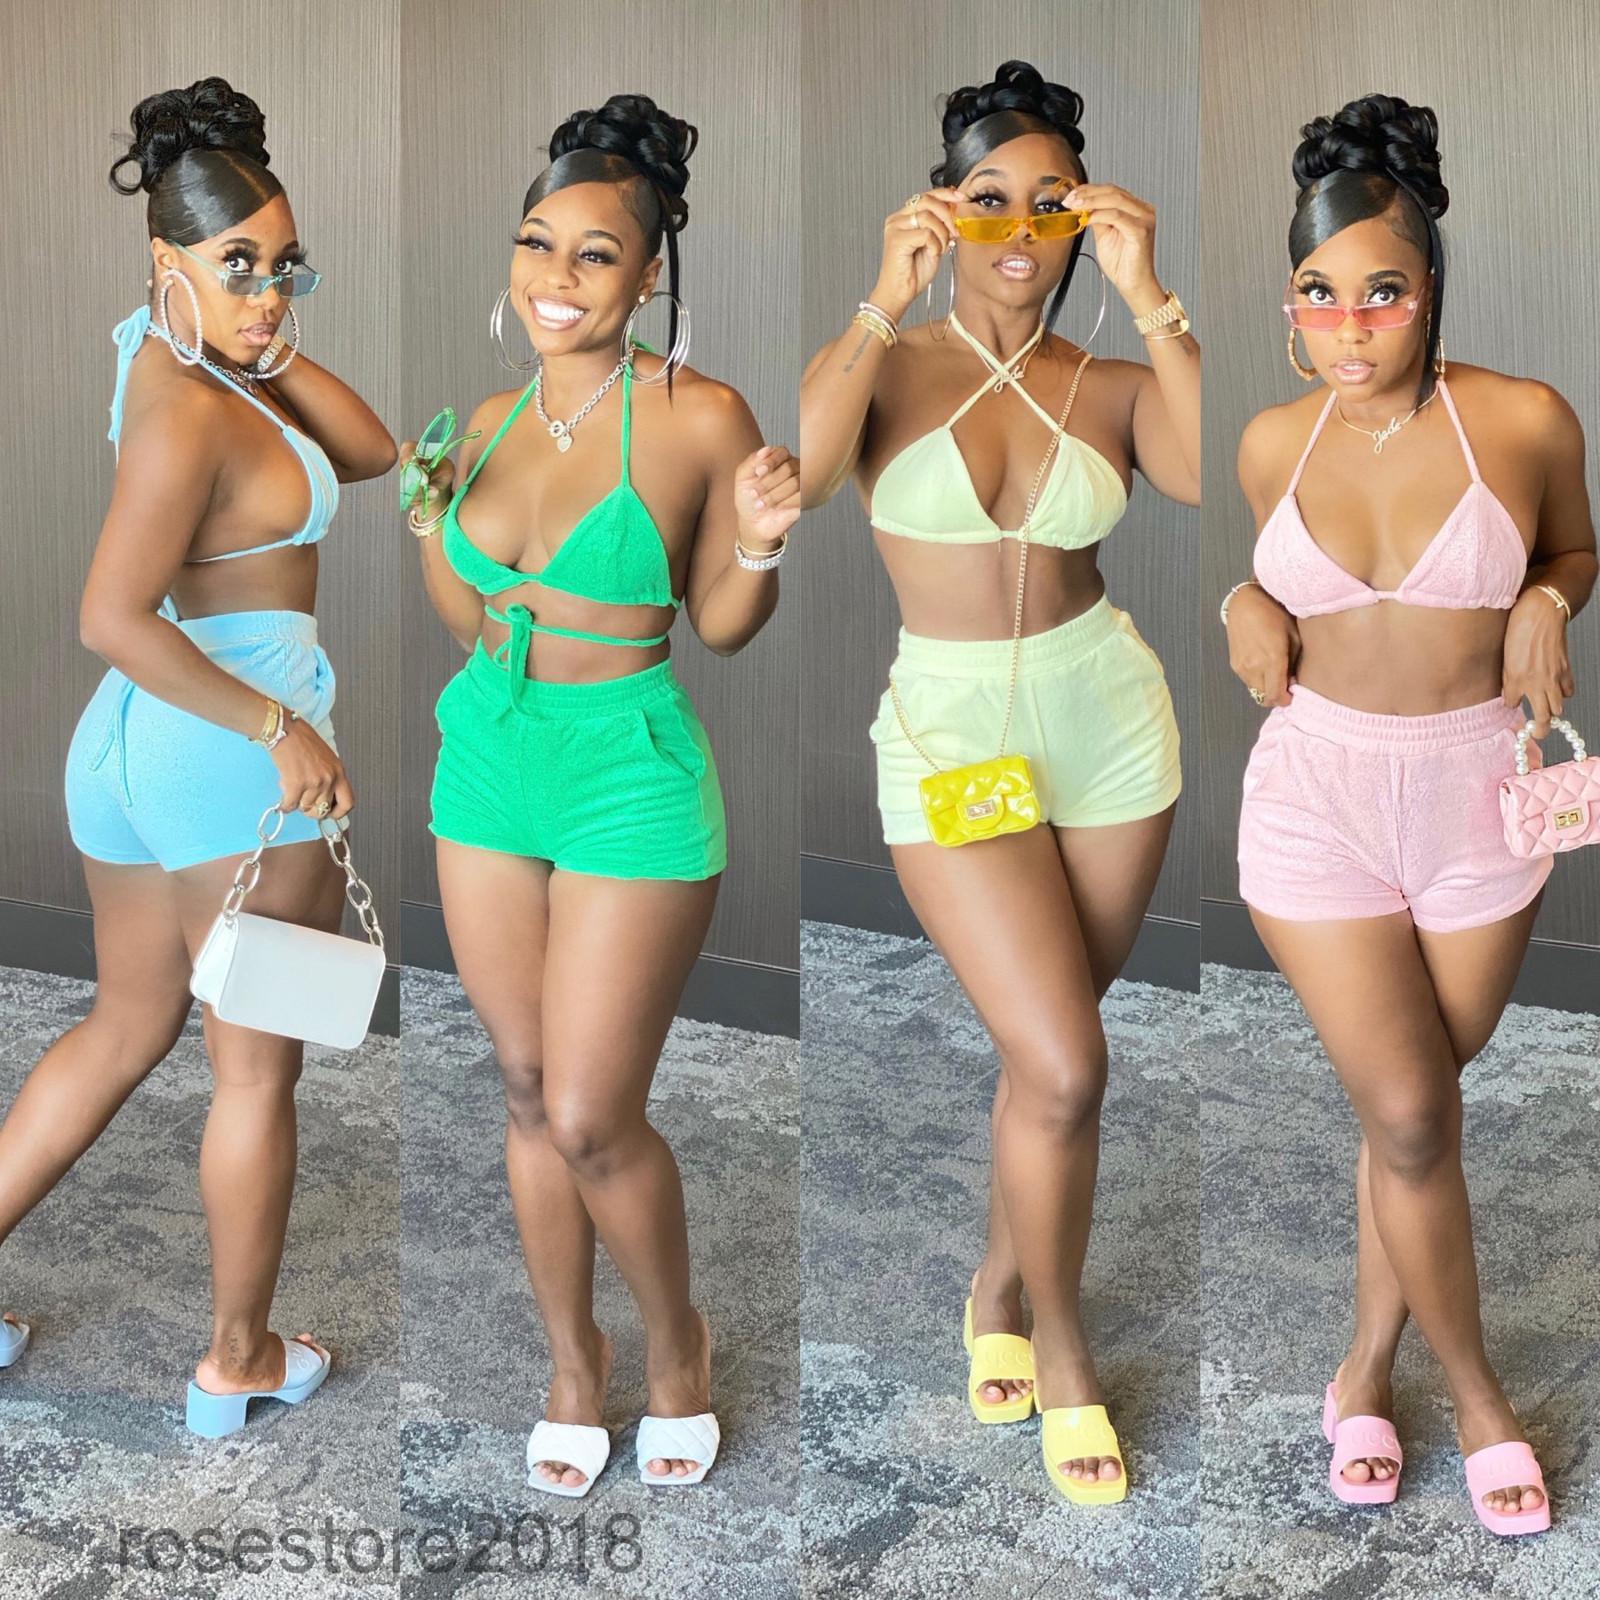 Nova feminina designer de maiô fashion casual mulheres simples e elegante cor sólida biquíni dois peças sets sexy sling shorts terno